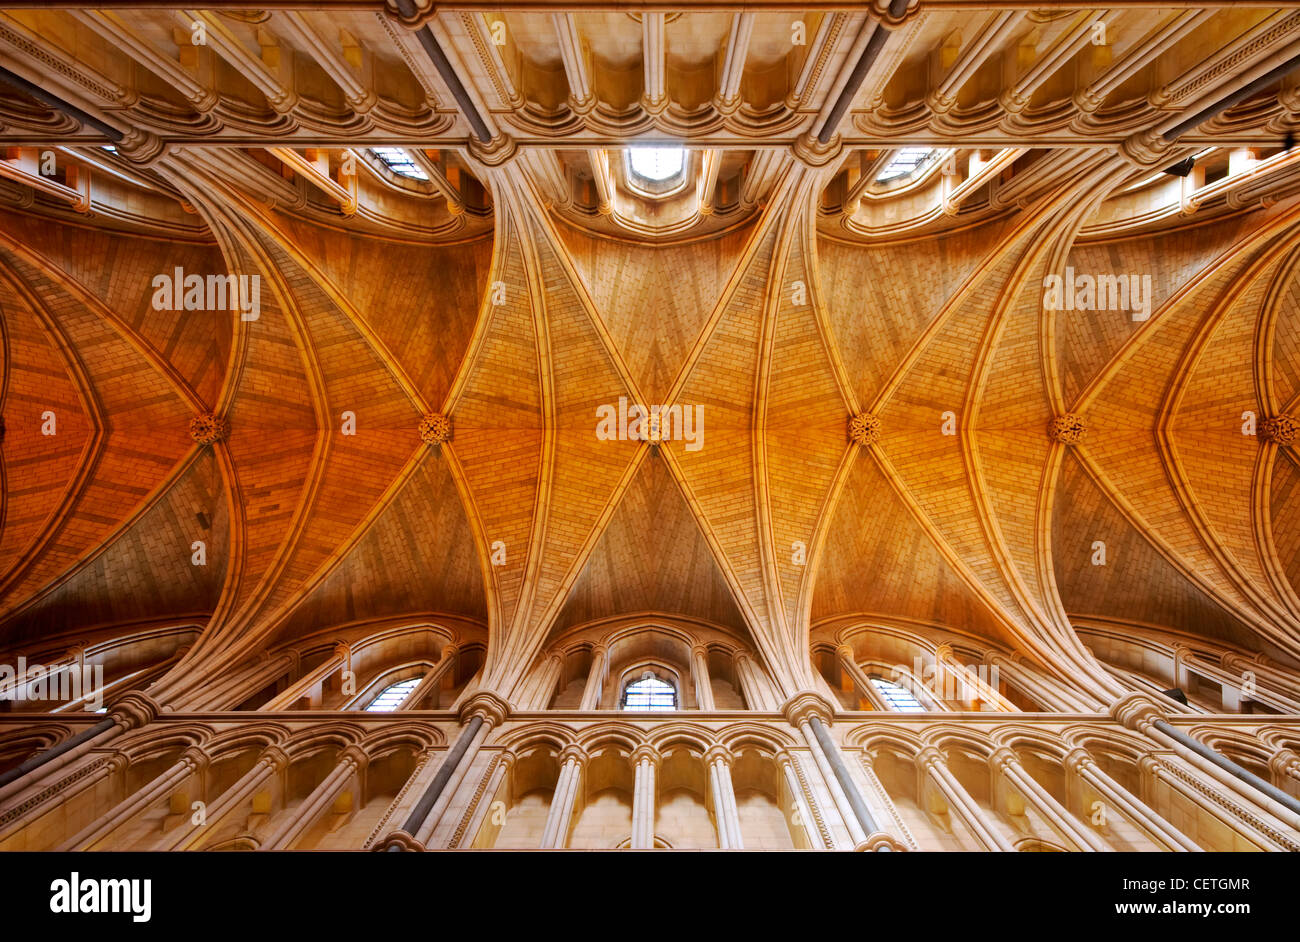 Il soffitto della Cattedrale di Southwark. William Shakespeare è creduto di essere stato presente quando John Immagini Stock